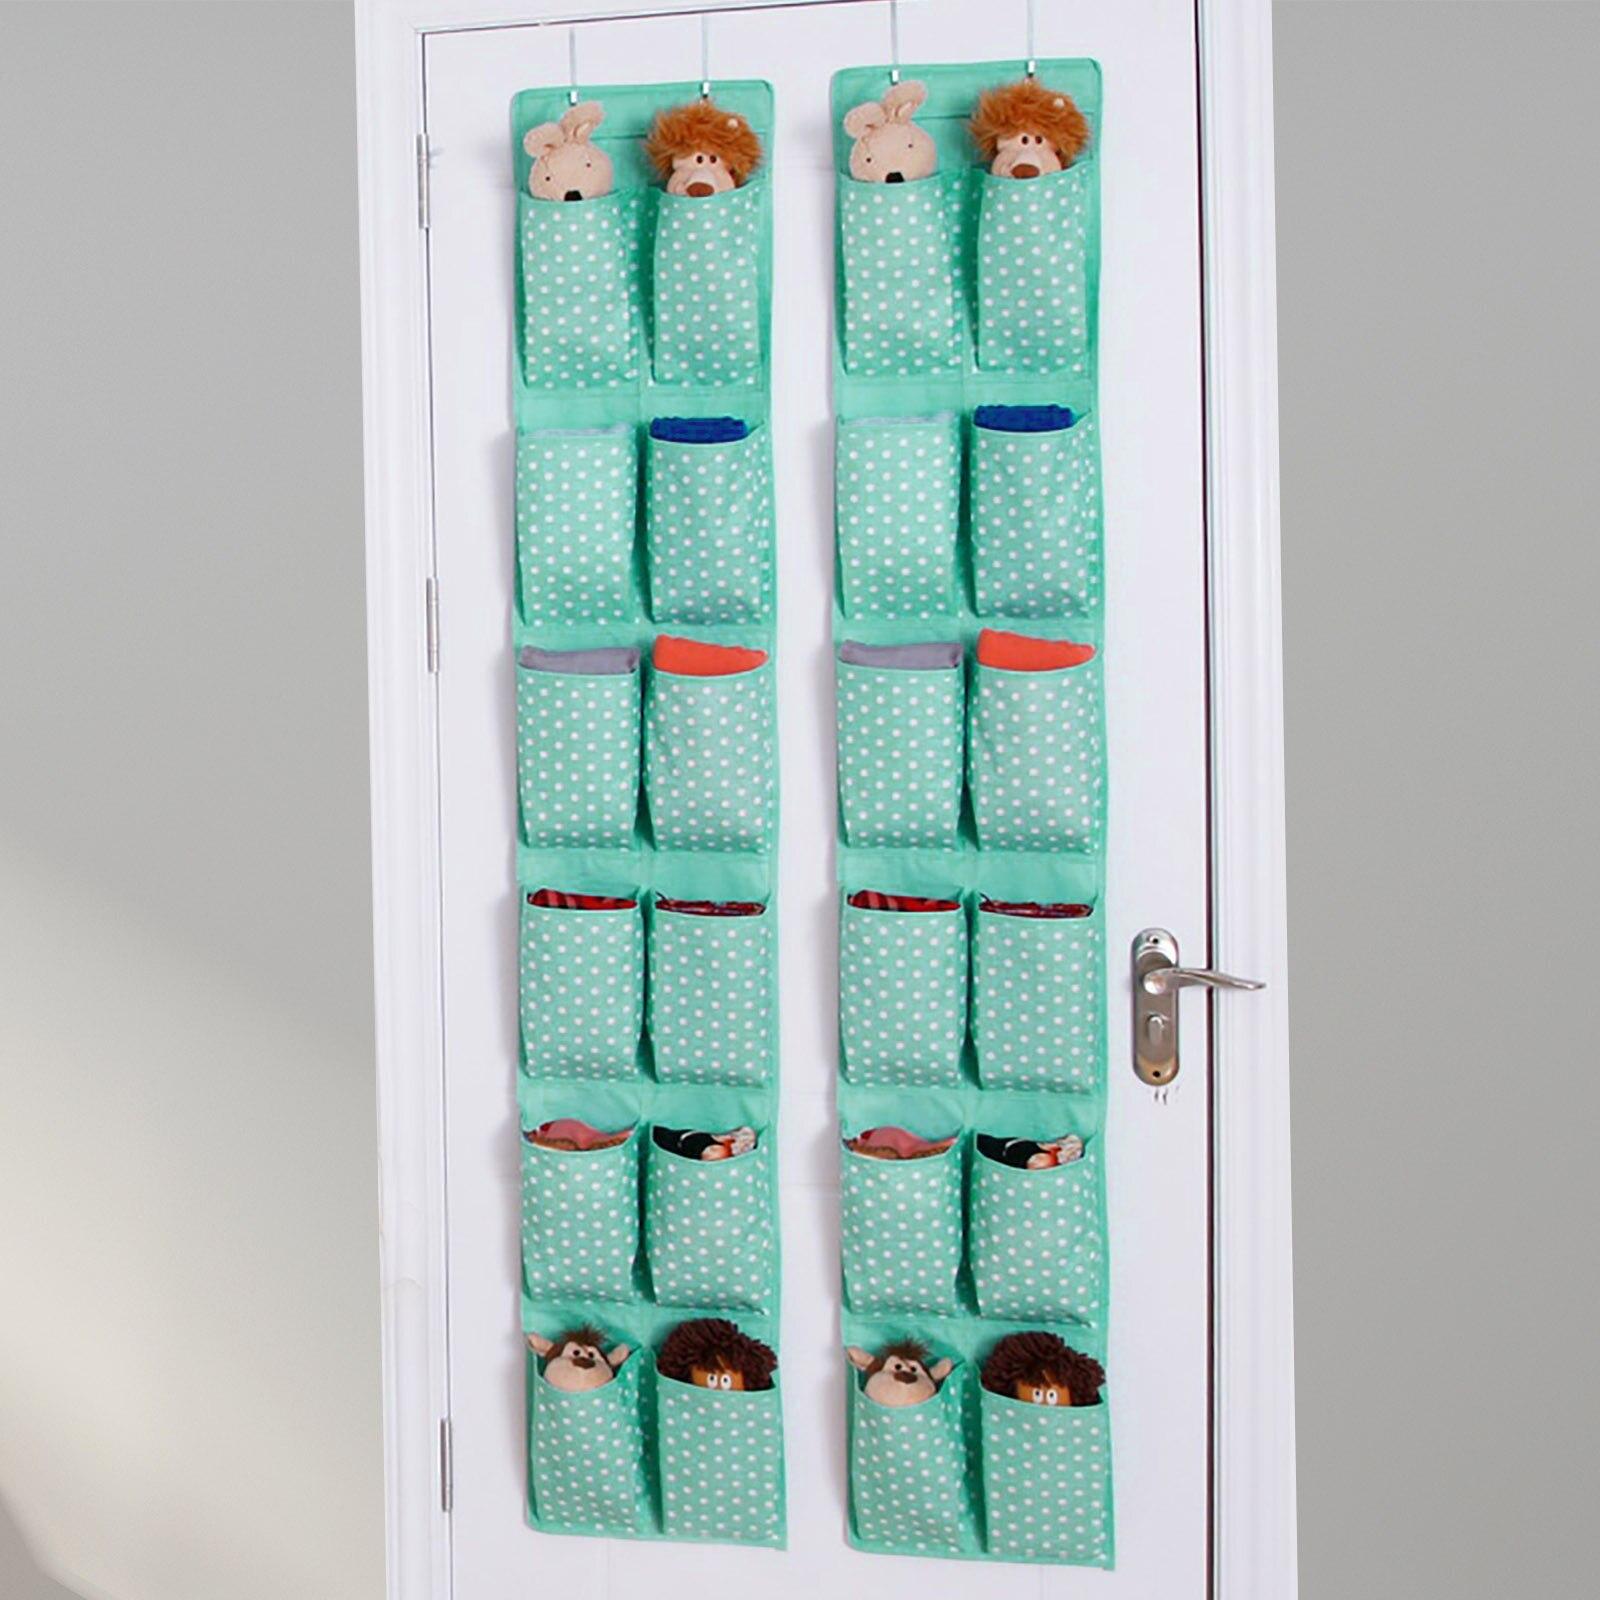 4/6/9/12 bolso oxford tecido porta pendurado titular sapato organizador sacos de armazenamento sapato rack saco parede organizar sala